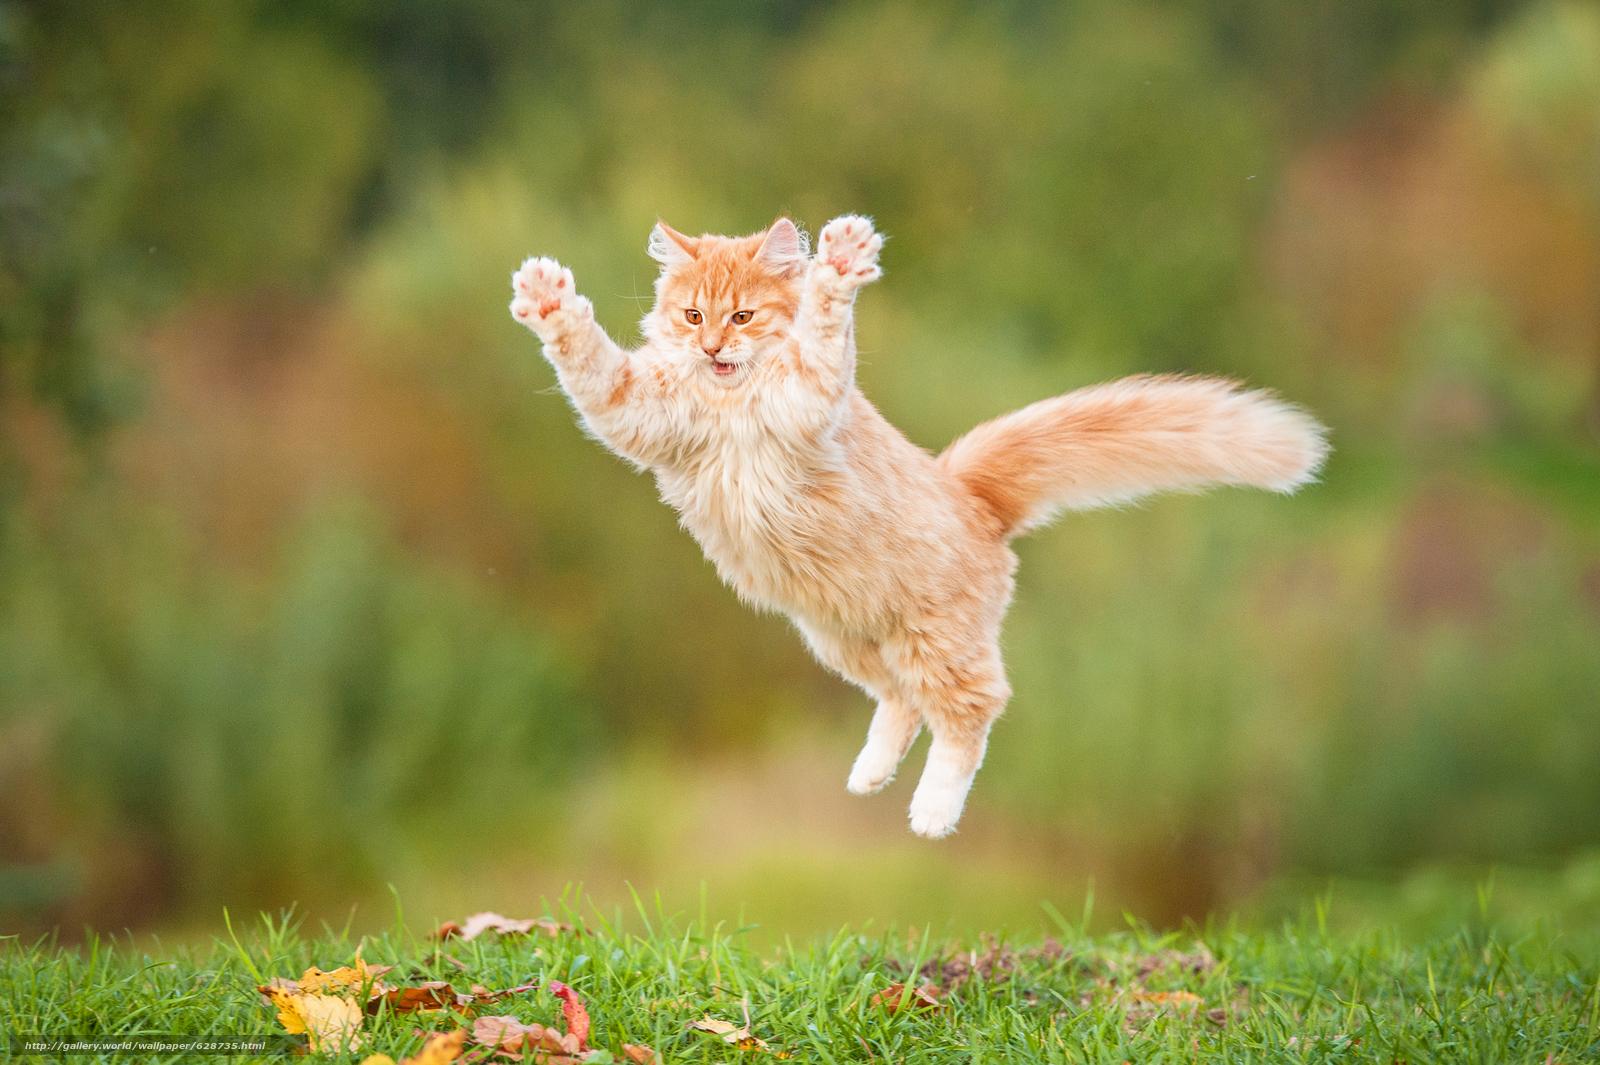 рыжий кот, кот, рыжий, пушистый, прыжок